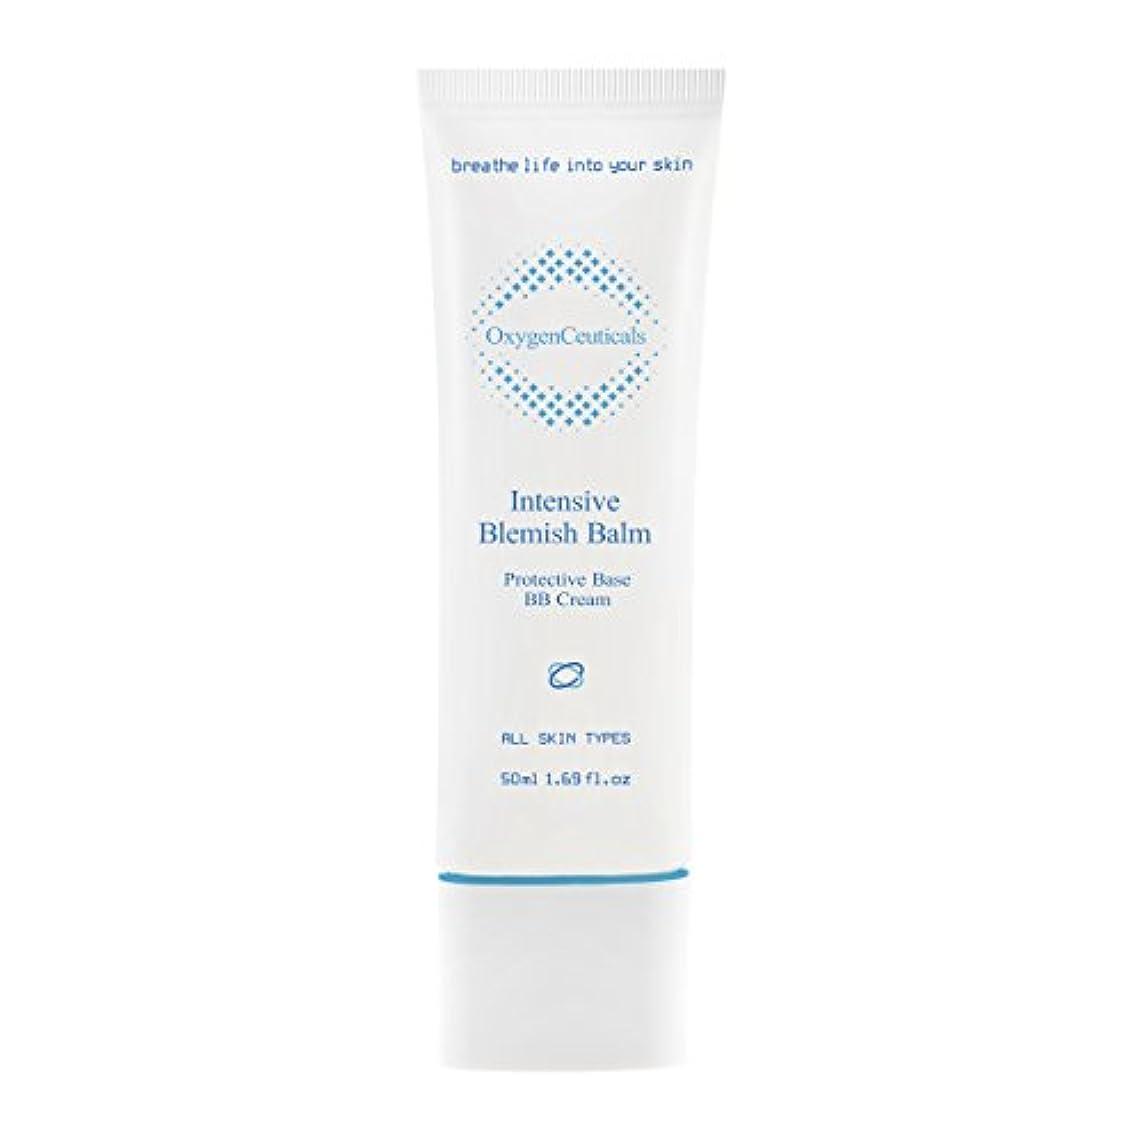 耐久人に関する限りスペース[ Oxygen Ceuticals ] オキシジェンシューティカルズ 酸素BBクリーム[再.生BB] 50ml. Intensive Blemish Balm(BB Cream) 50ml. X Mask Pack 1p.